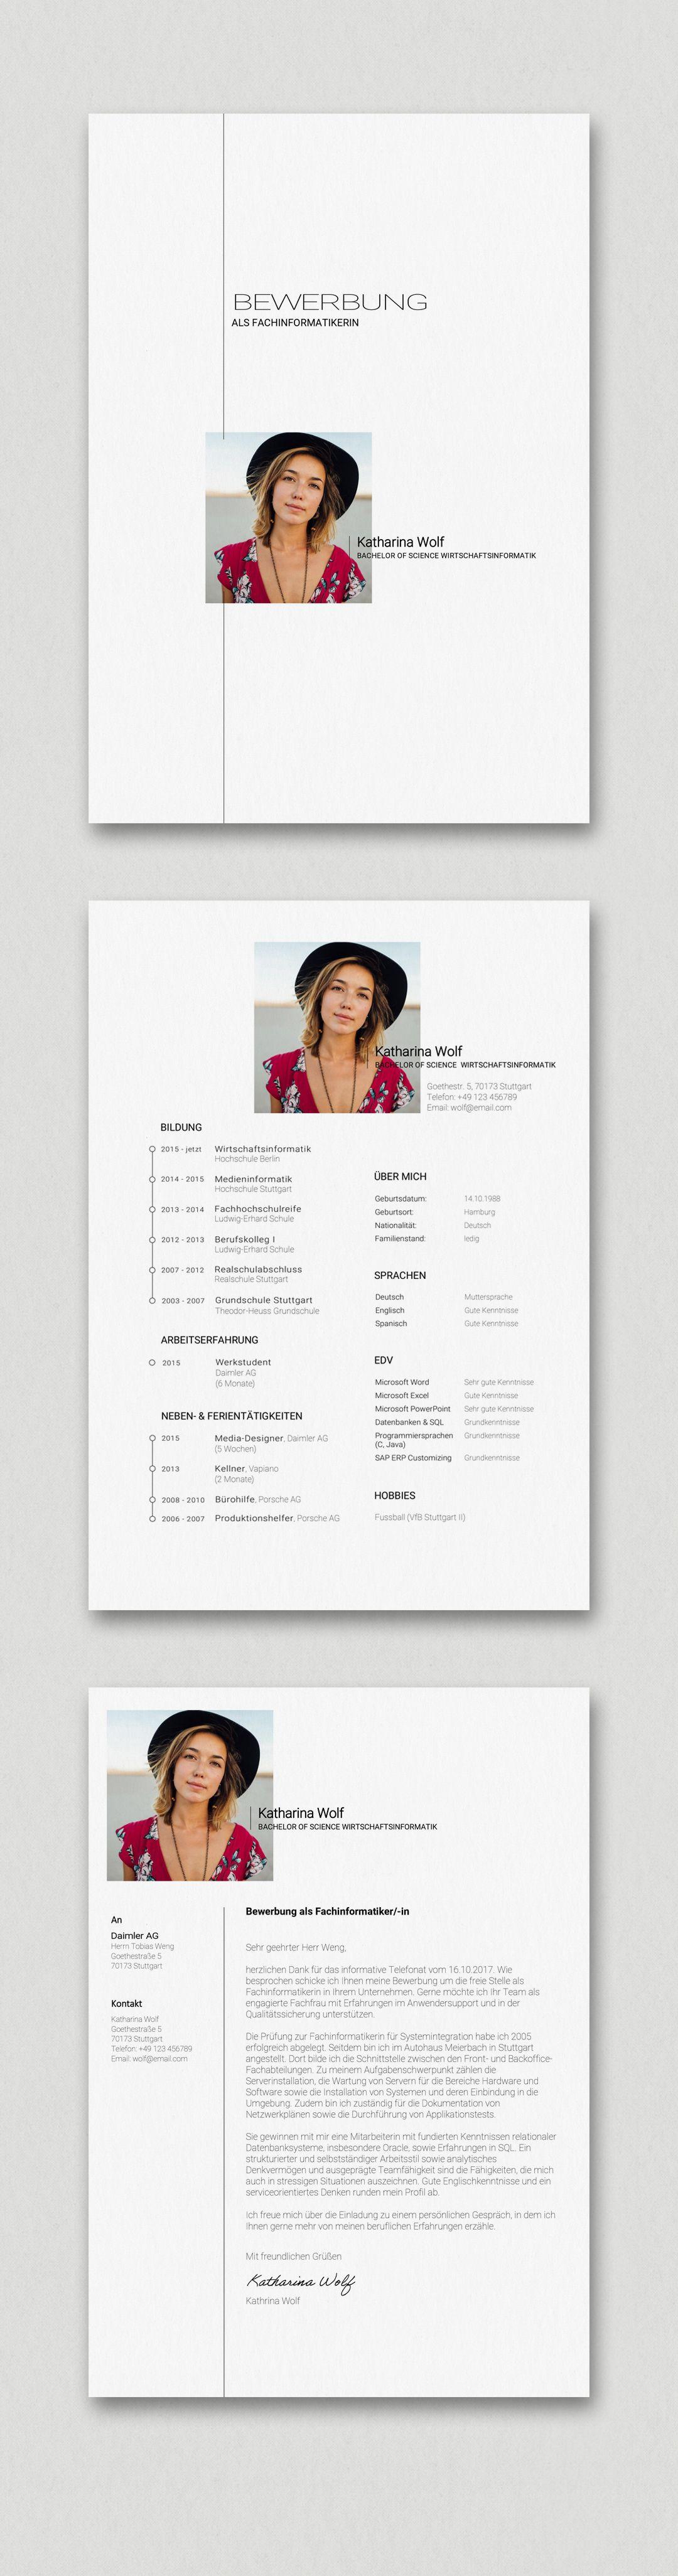 Mrs Wolf Lebenslaufvorlagen Bewerbungsvorlagen Bewerbung Lebenslauf Lebenslauf Lebenslaufvorlage